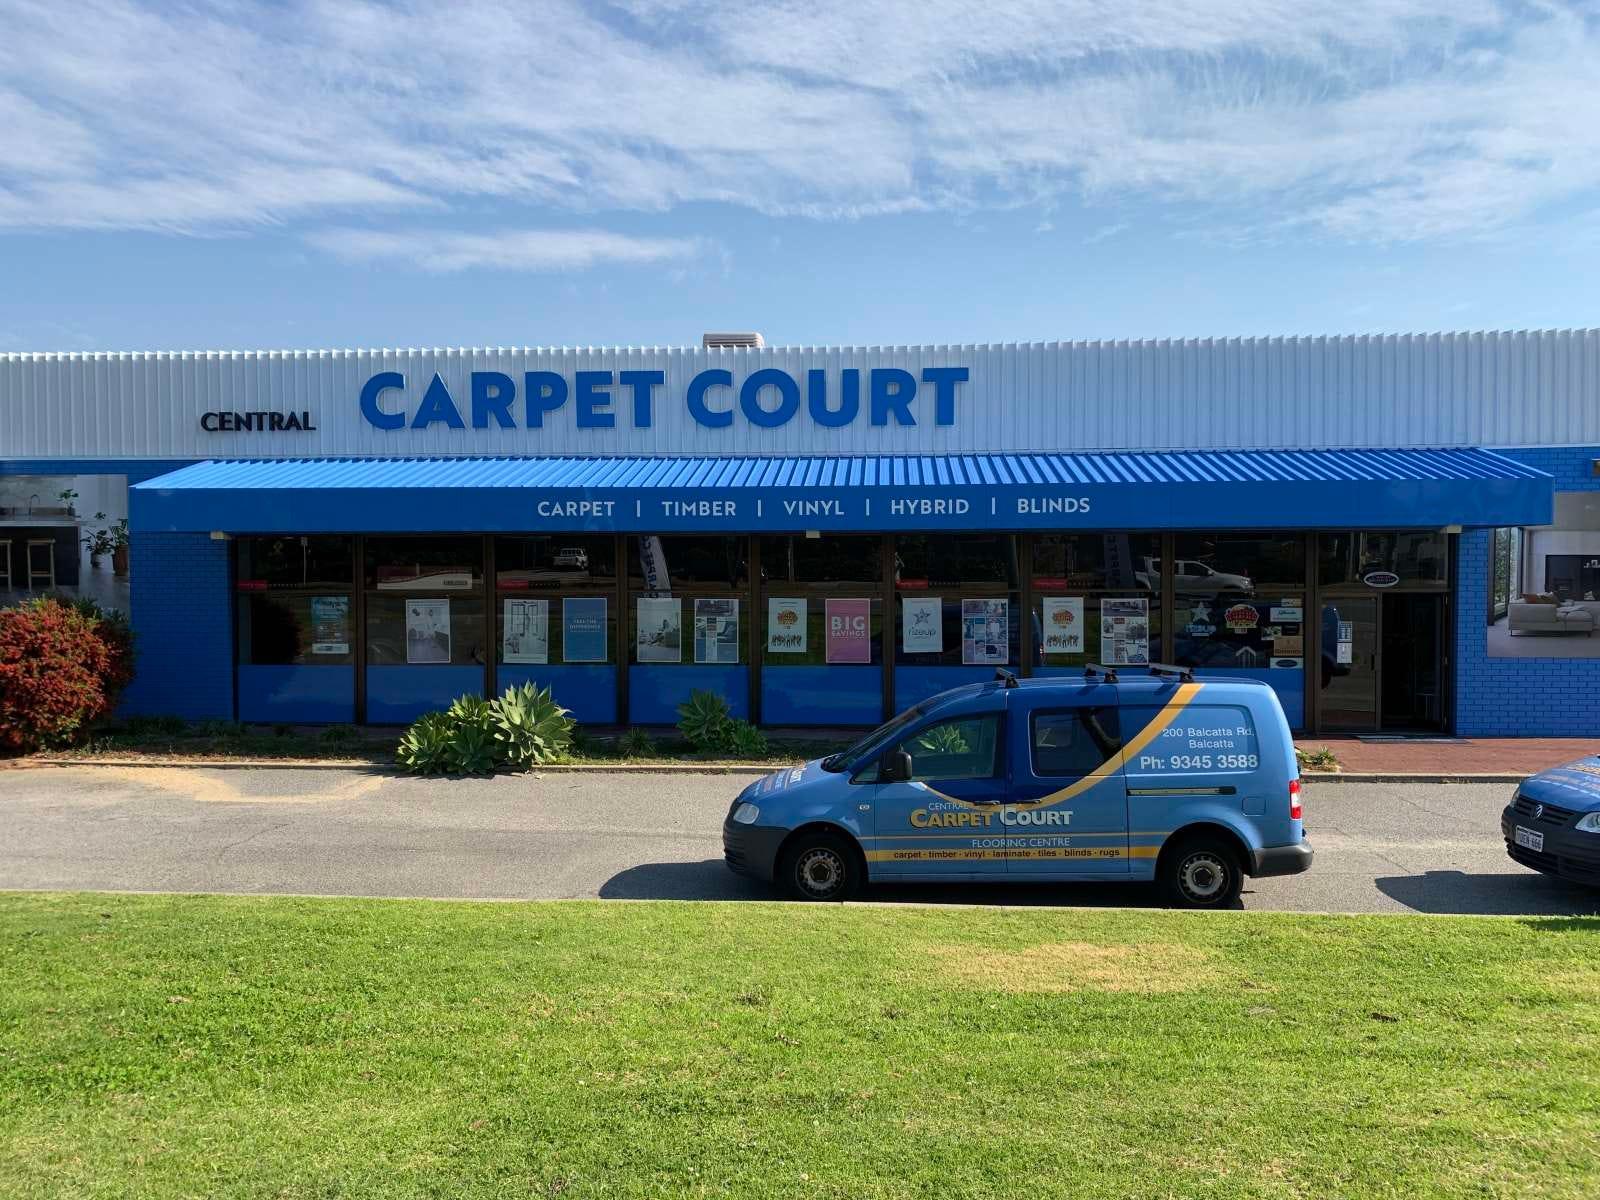 Central Carpet Court